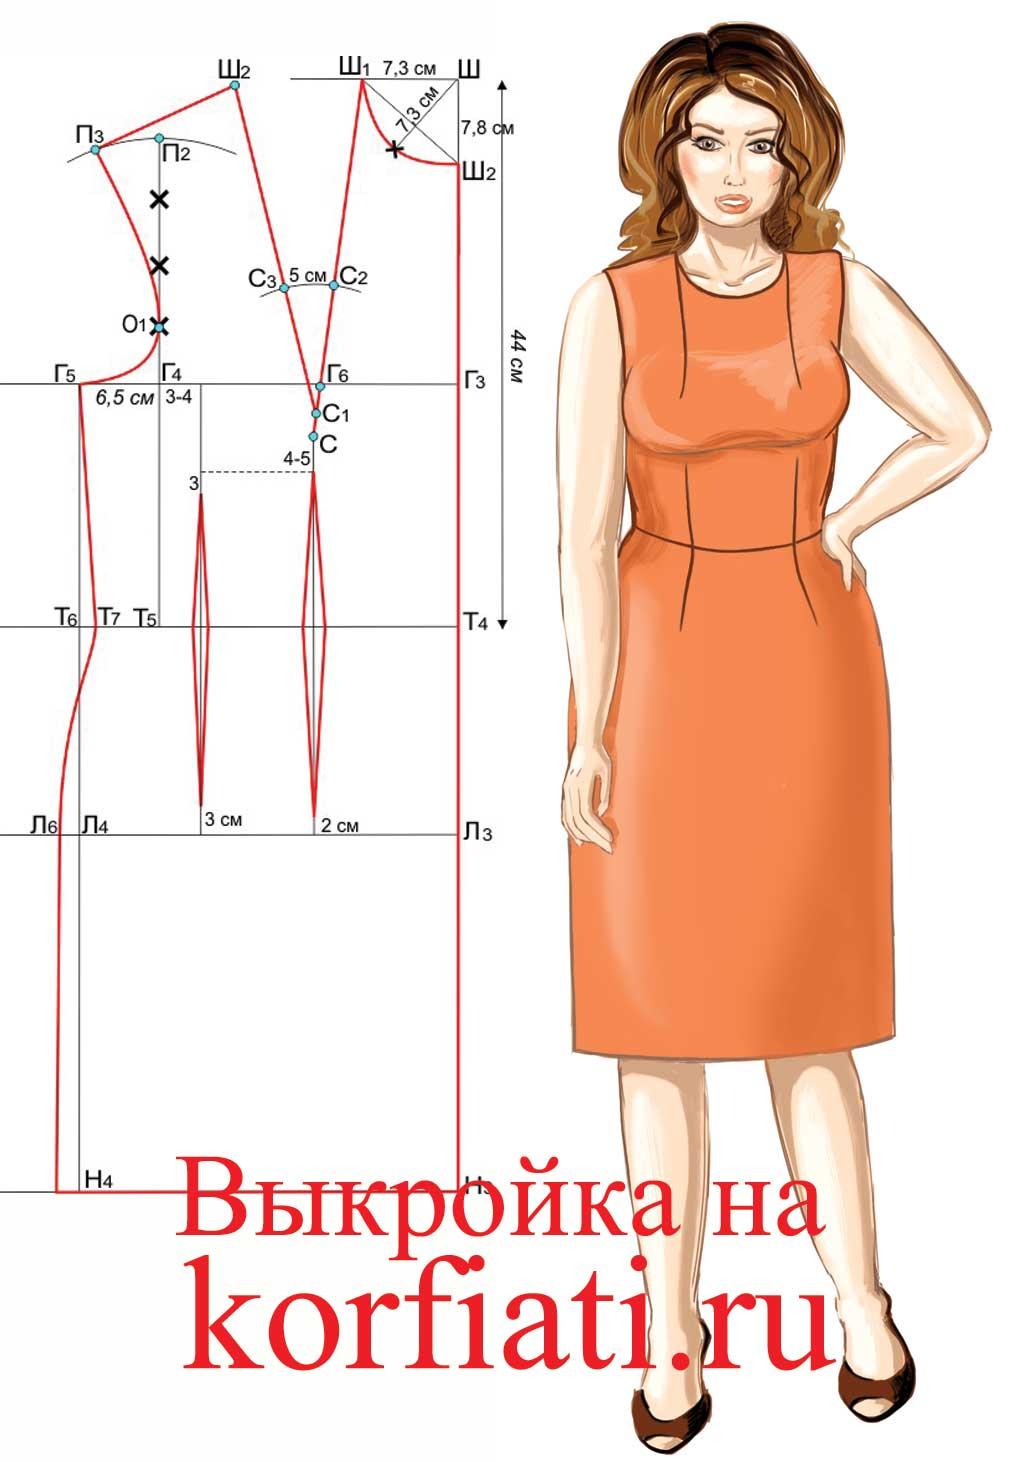 Сшить блузки своими руками на полную женщину с выкройками фото 671